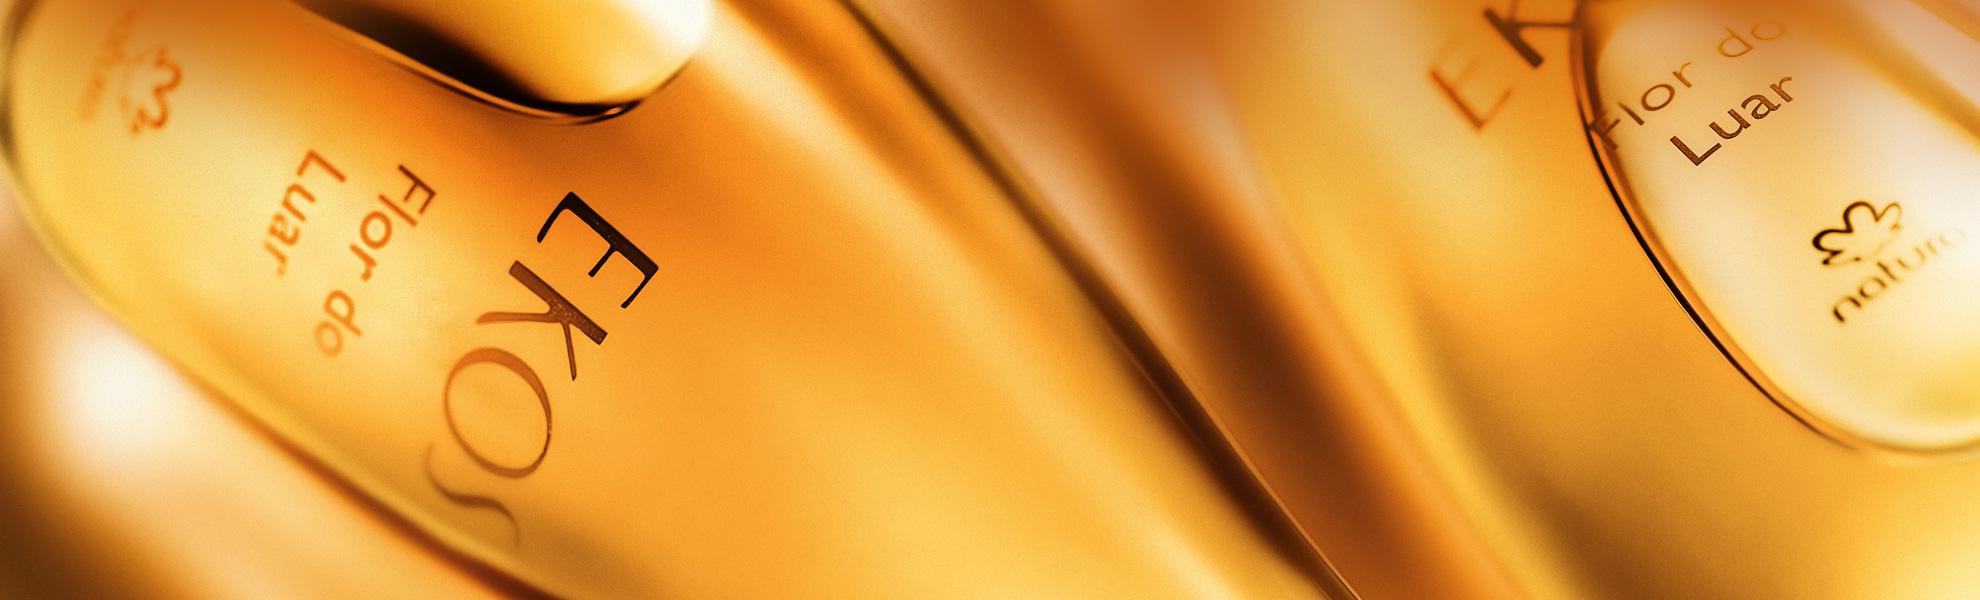 chelles-e-hayashi-design-portfolio-natura-ekos-flor-do-luar-produto-estrutural-embalagem